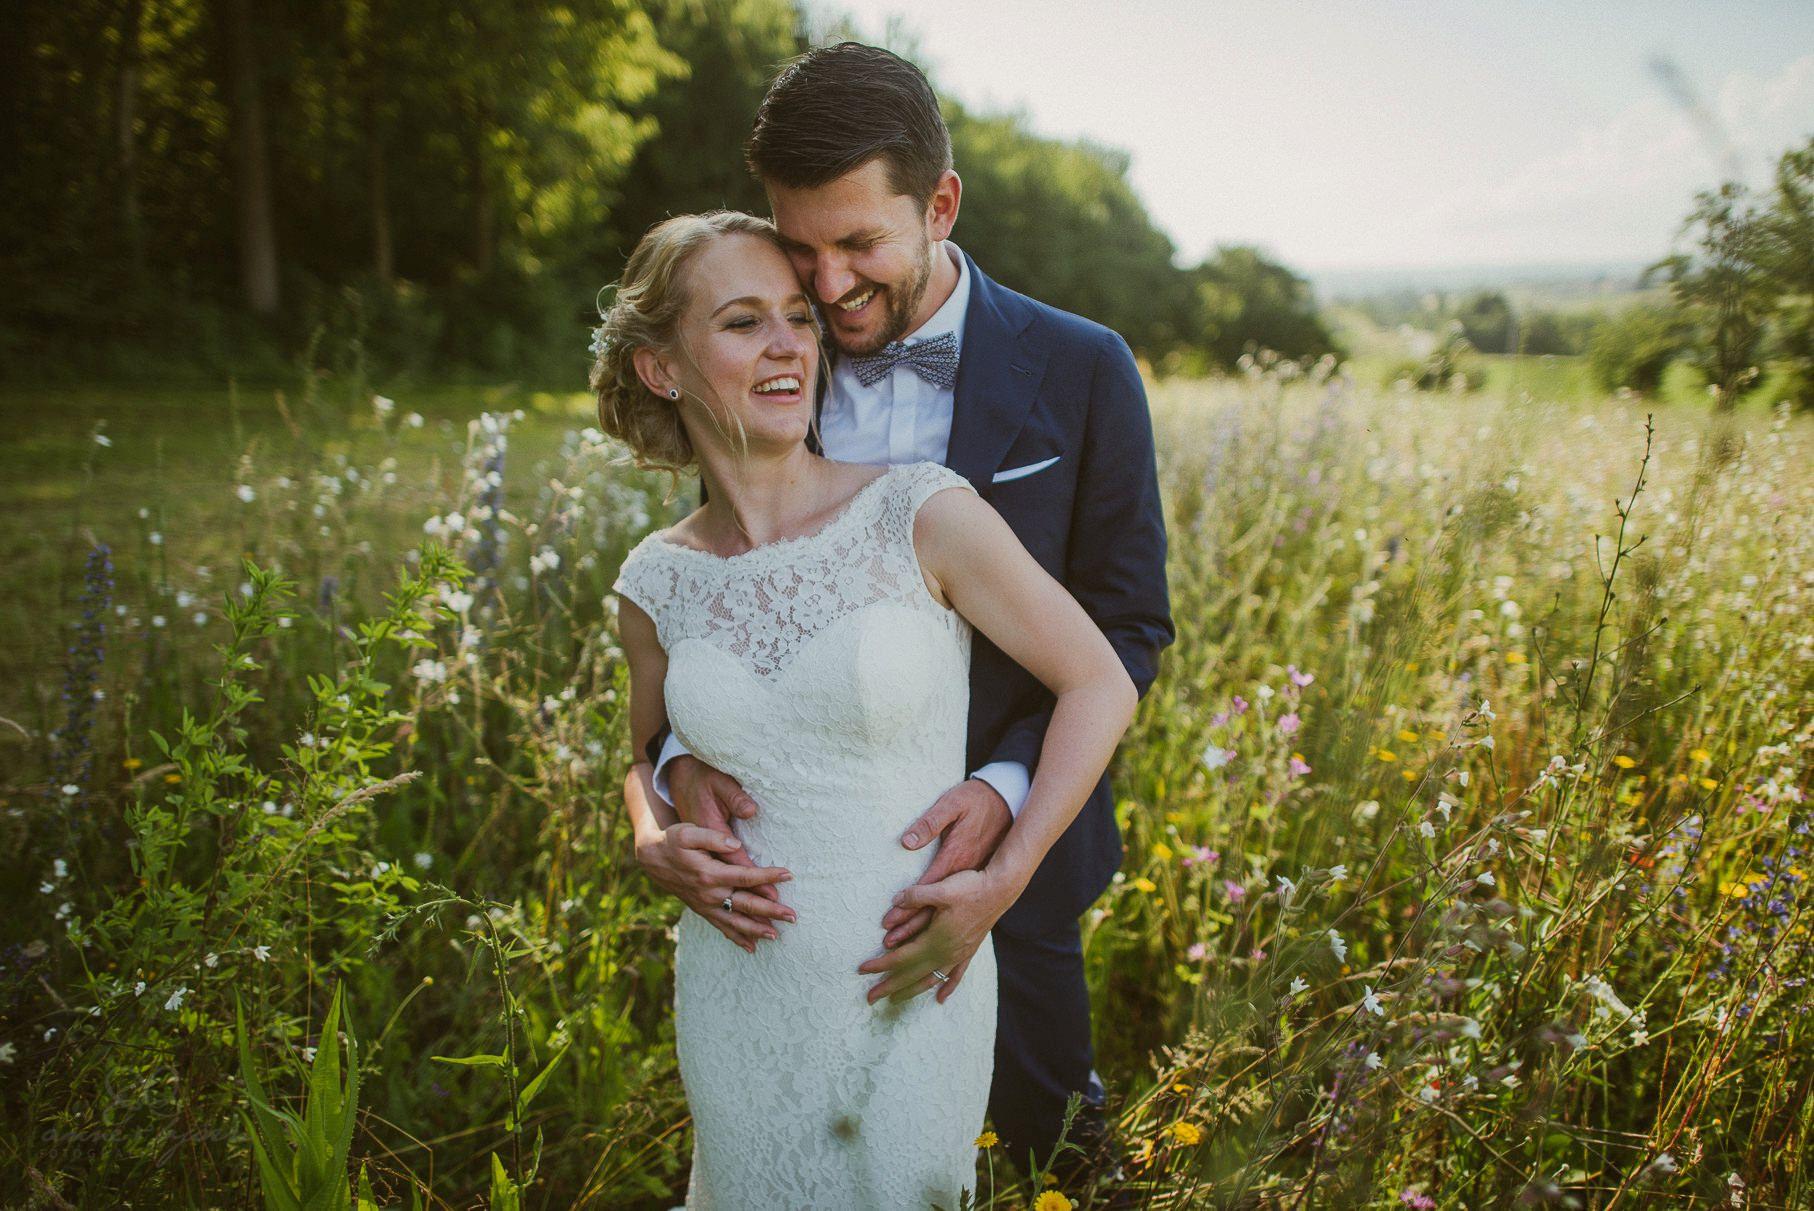 0099 anne und bjoern hochzeit schweiz 811 4540 - DIY Hochzeit in der Schweiz - Sabrina & Christoph